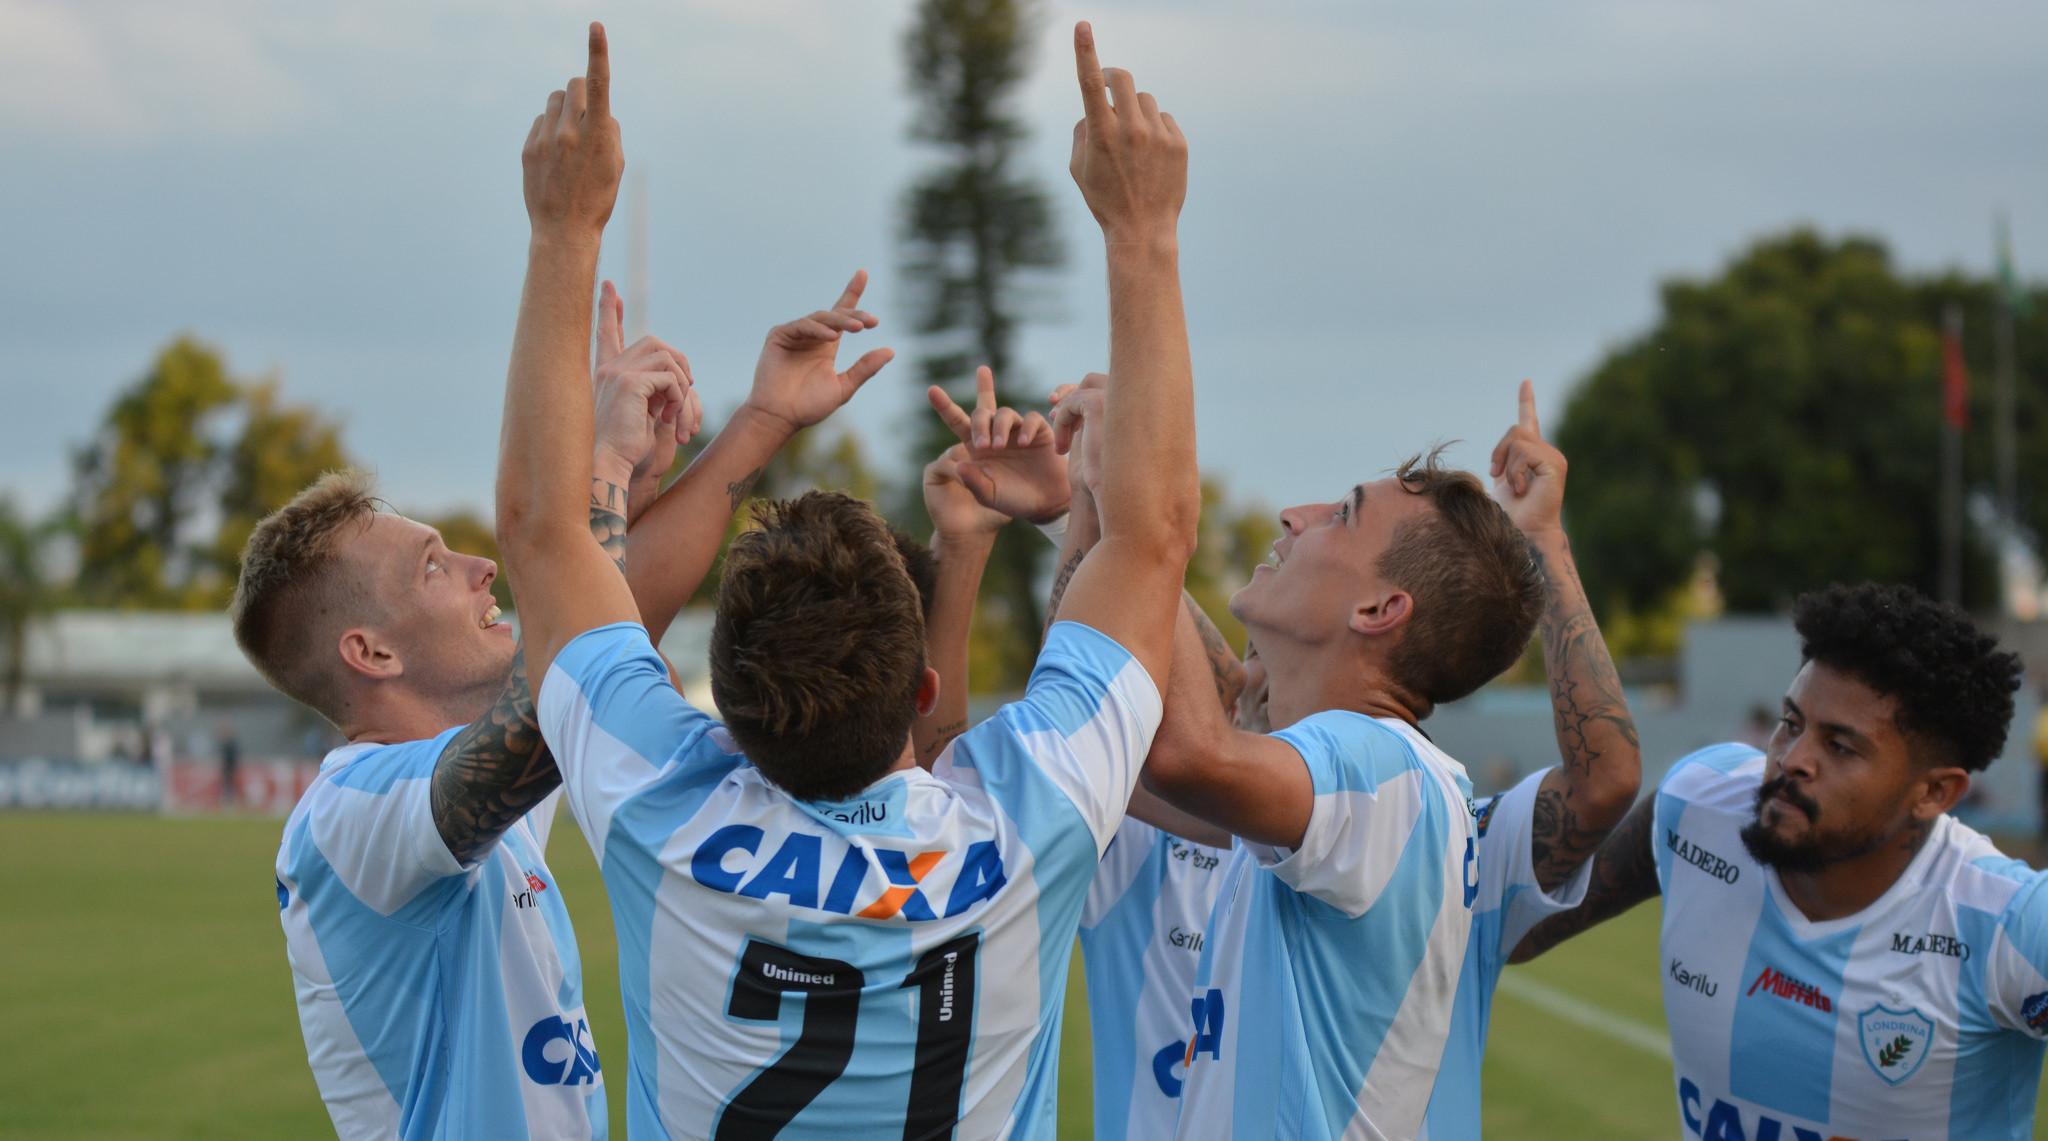 Dagoberto comemora seu gol na estreia com os companheiros Foto: Gustavo Oliveira/LEC